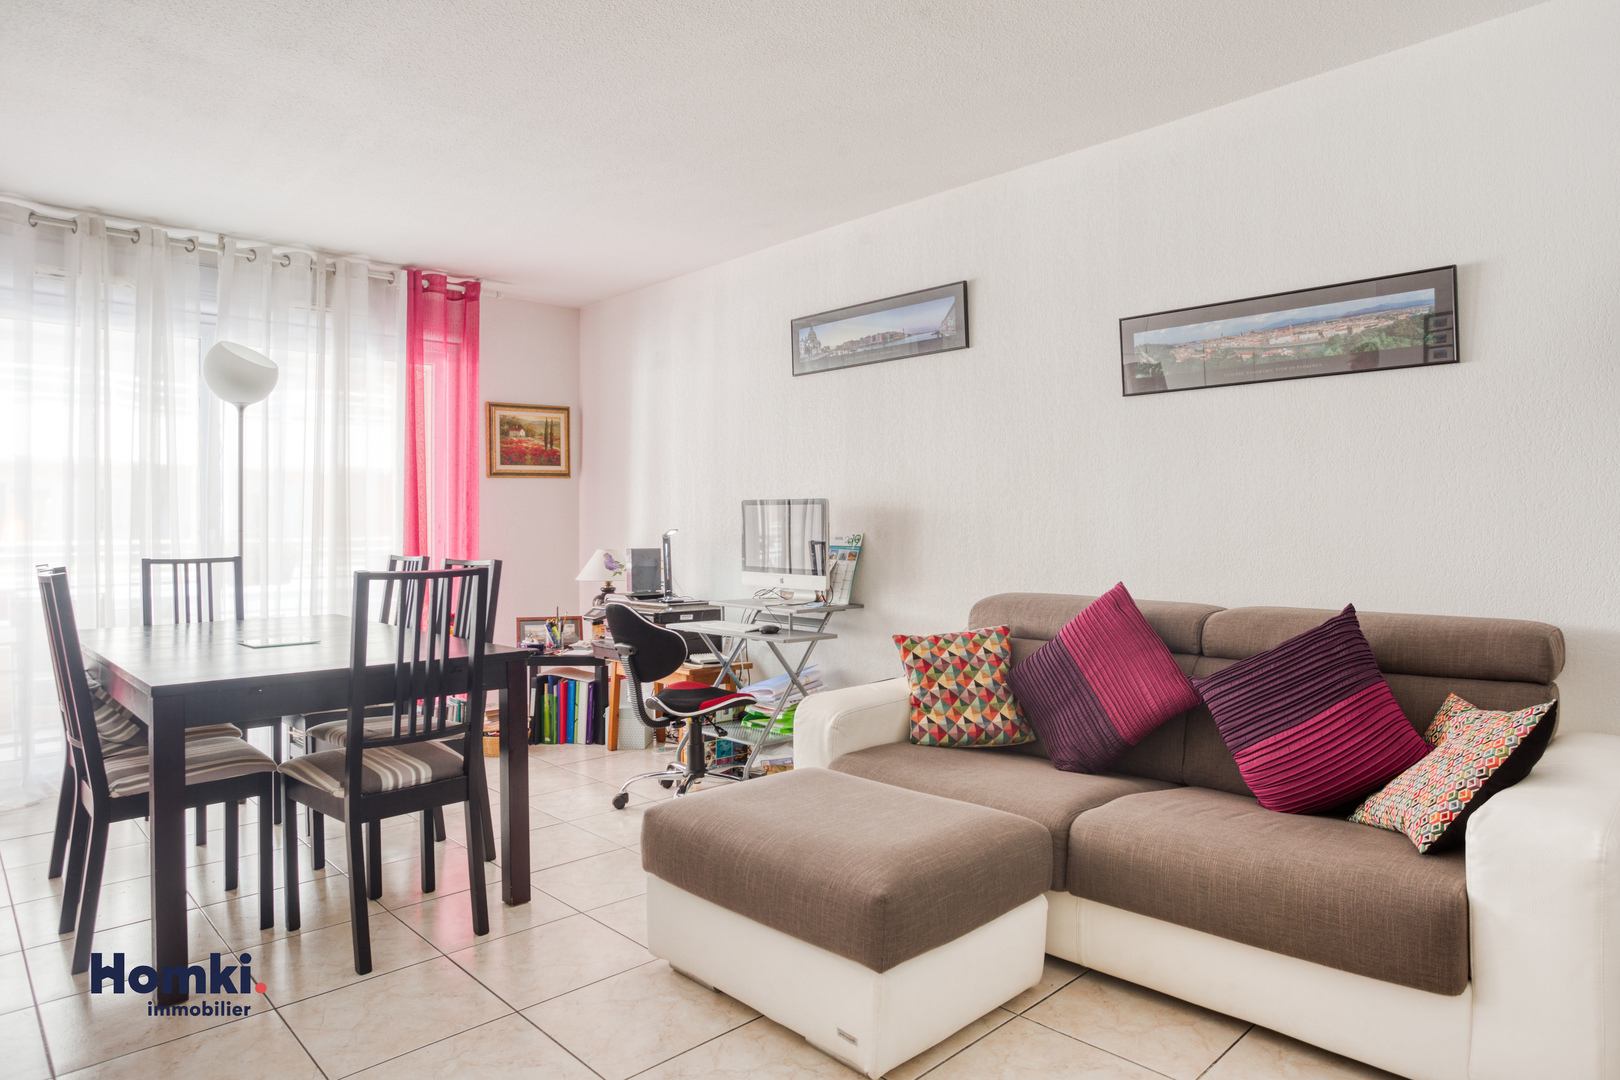 Vente Appartement 72 m² T4 83700_2